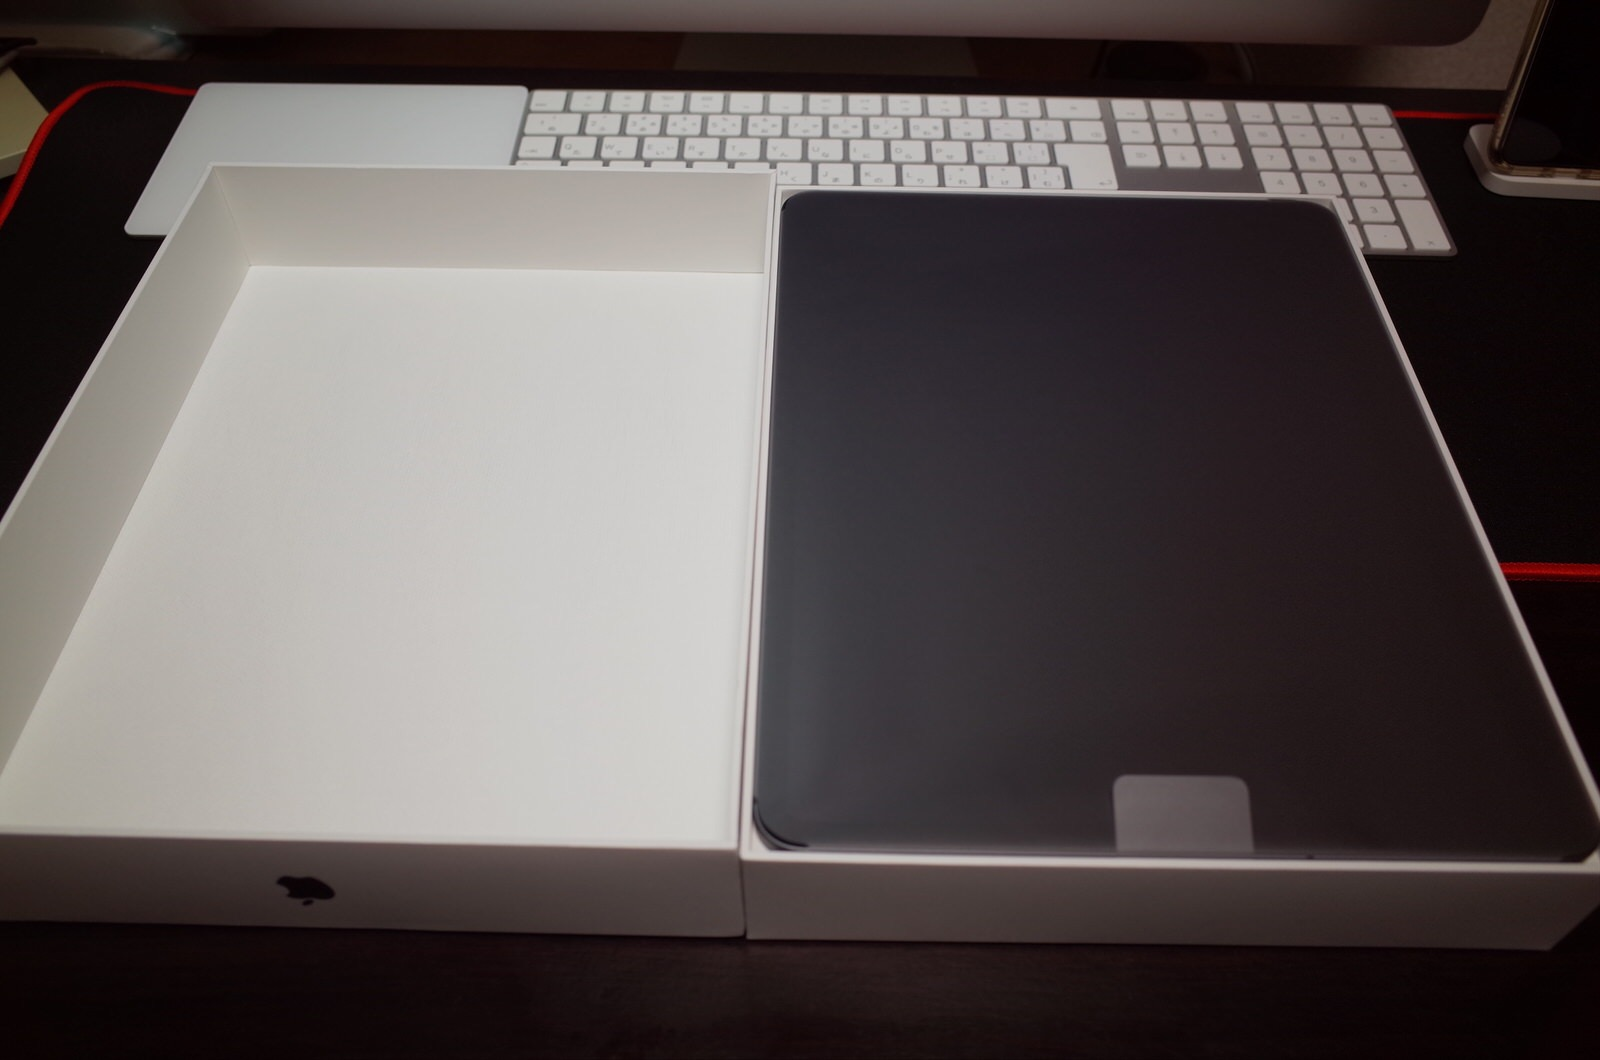 新型 iPad Pro 12.9インチ スペースグレイ 256GB セルラー版-6